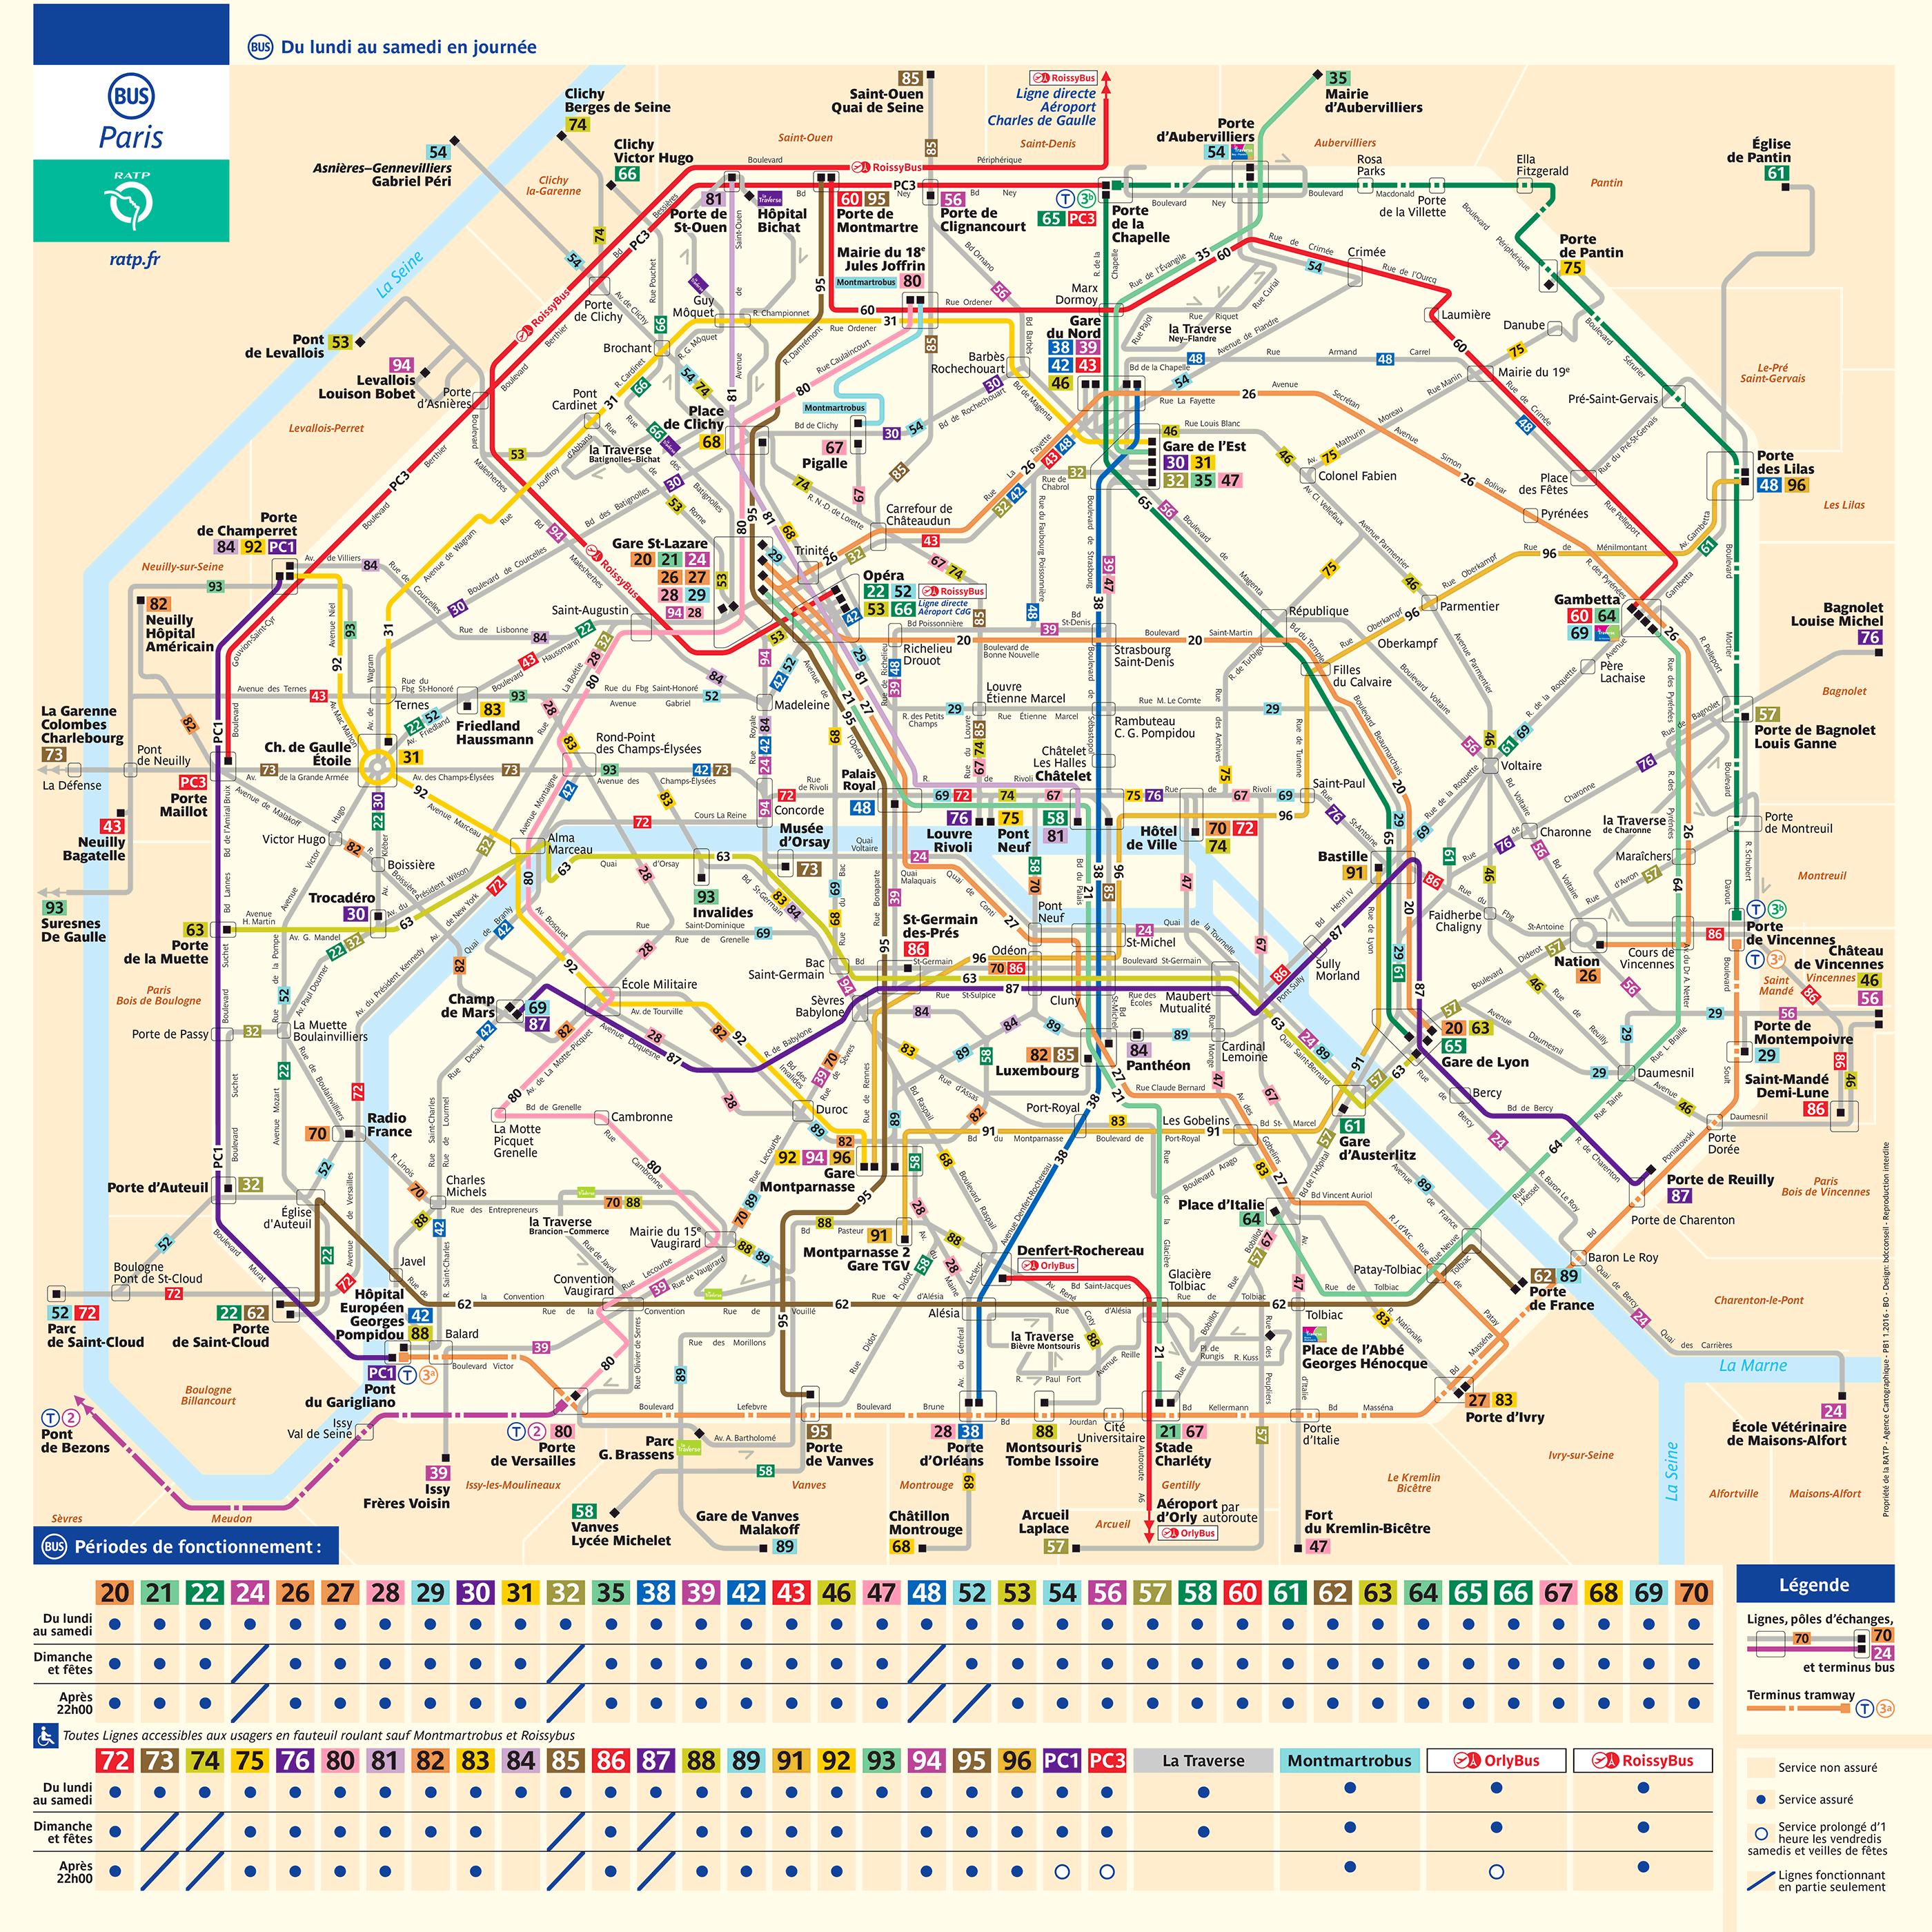 carte des bus paris Paris Plan De La Ville Du Metro Du Rer Des Autobus Free Download